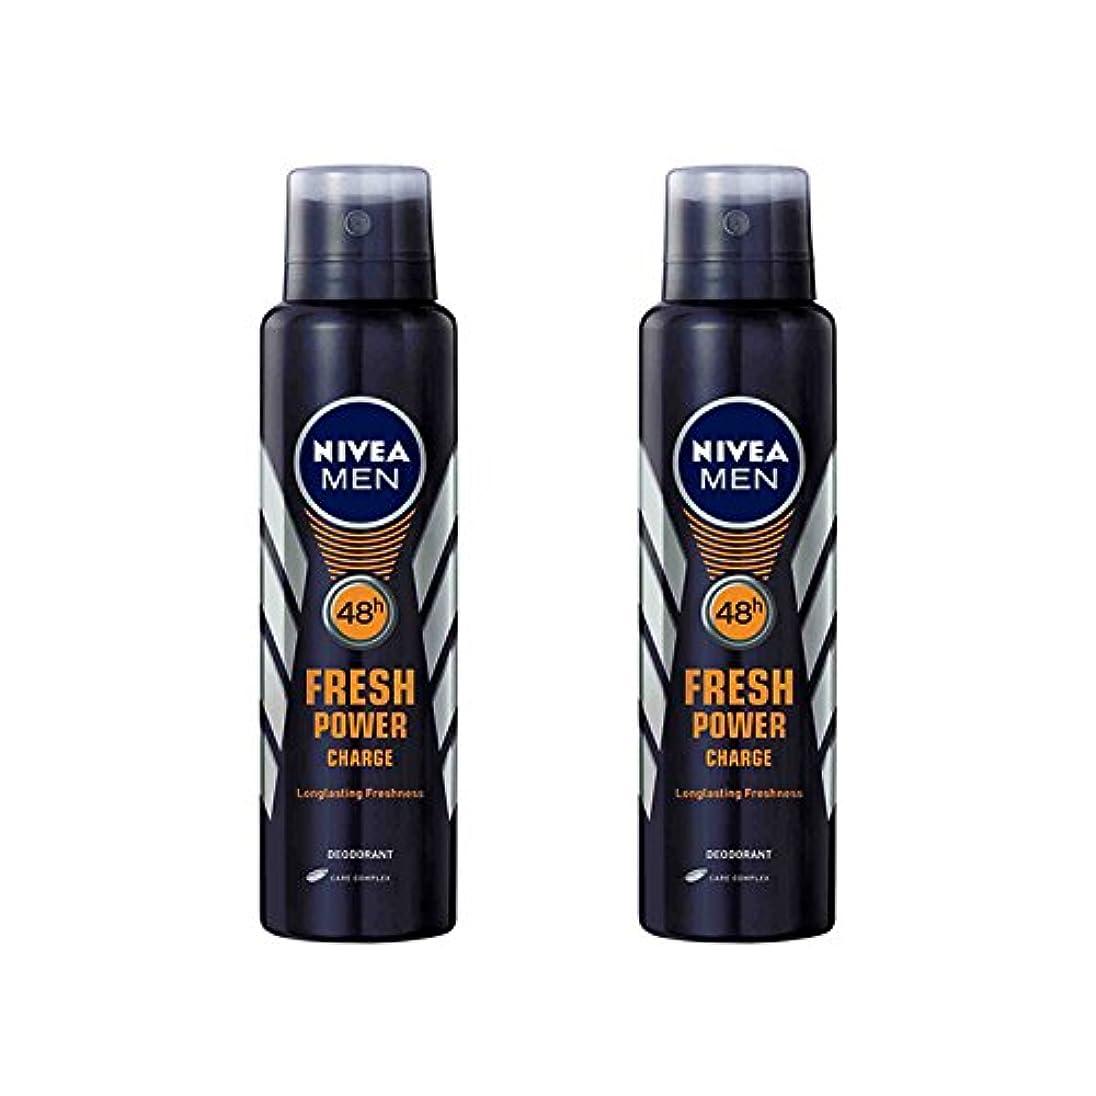 ドライバハントアンドリューハリディ2 Lots X Nivea Male Deodorant Fresh Power Charge, 150ml - 並行輸入品 - 2ロットXニベア男性デオドラントフレッシュパワーチャージ、150ml